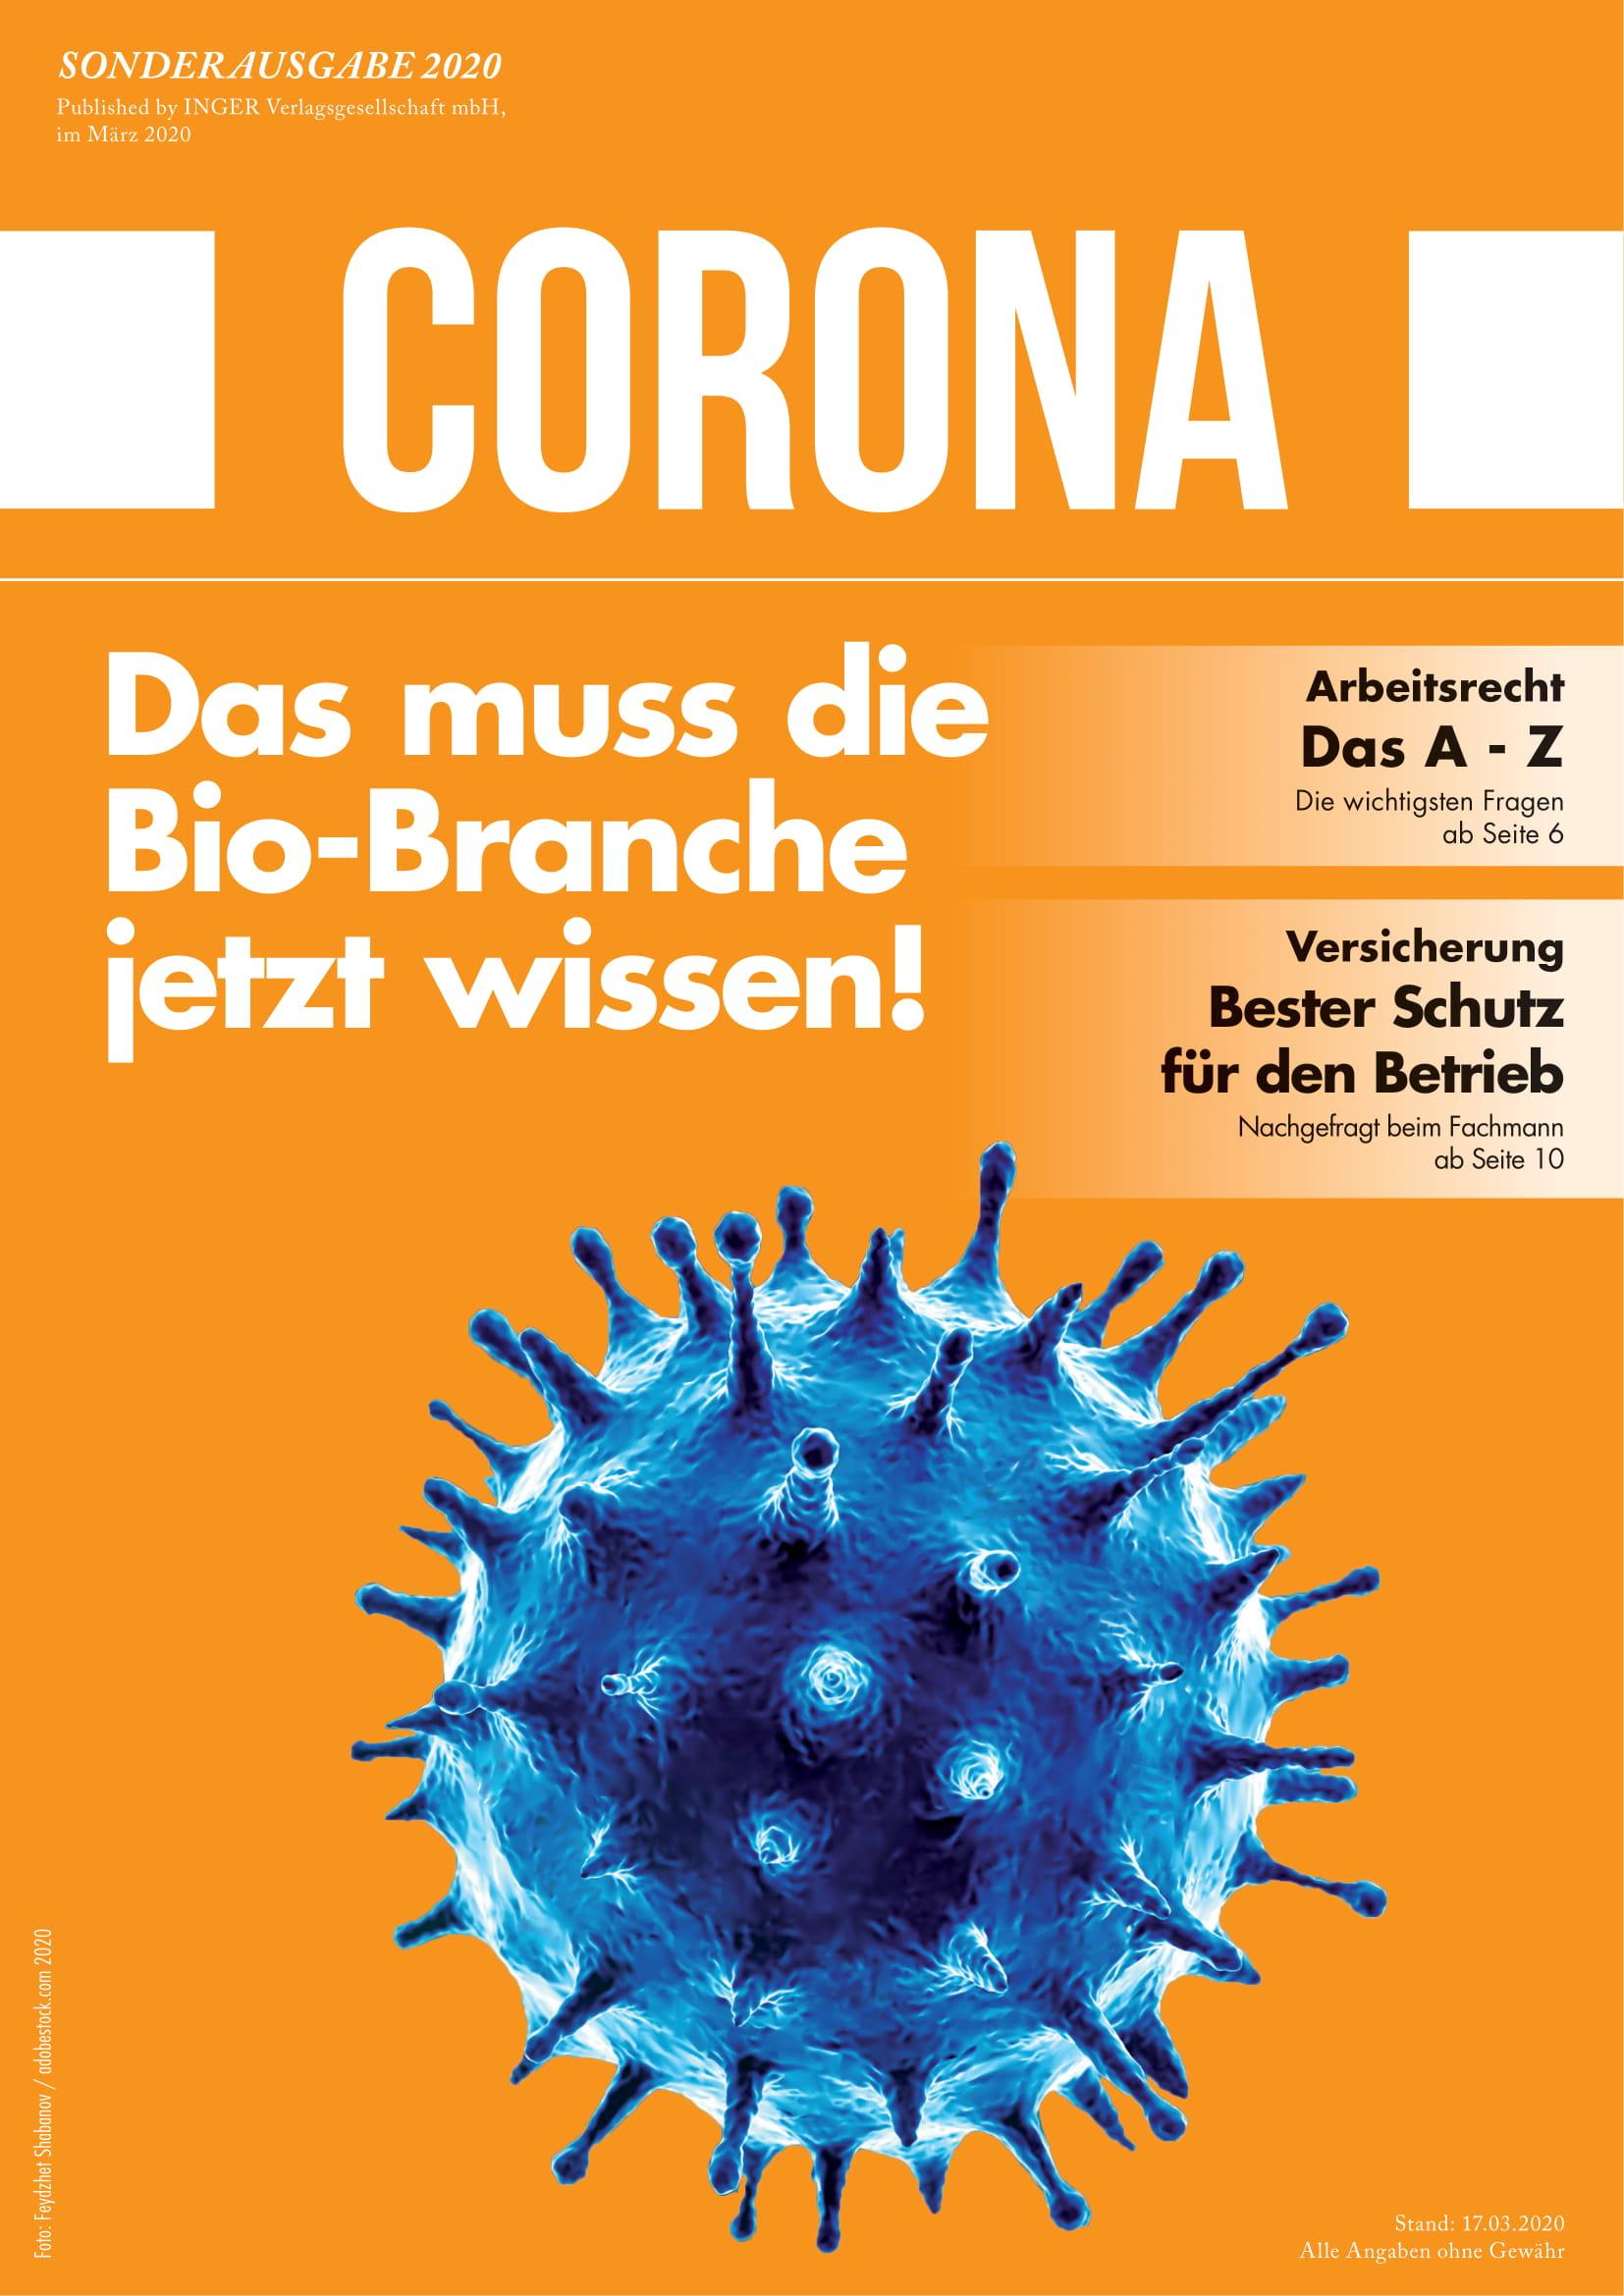 Corona Spezial: Das muss die Bio-Branche jetzt wissen